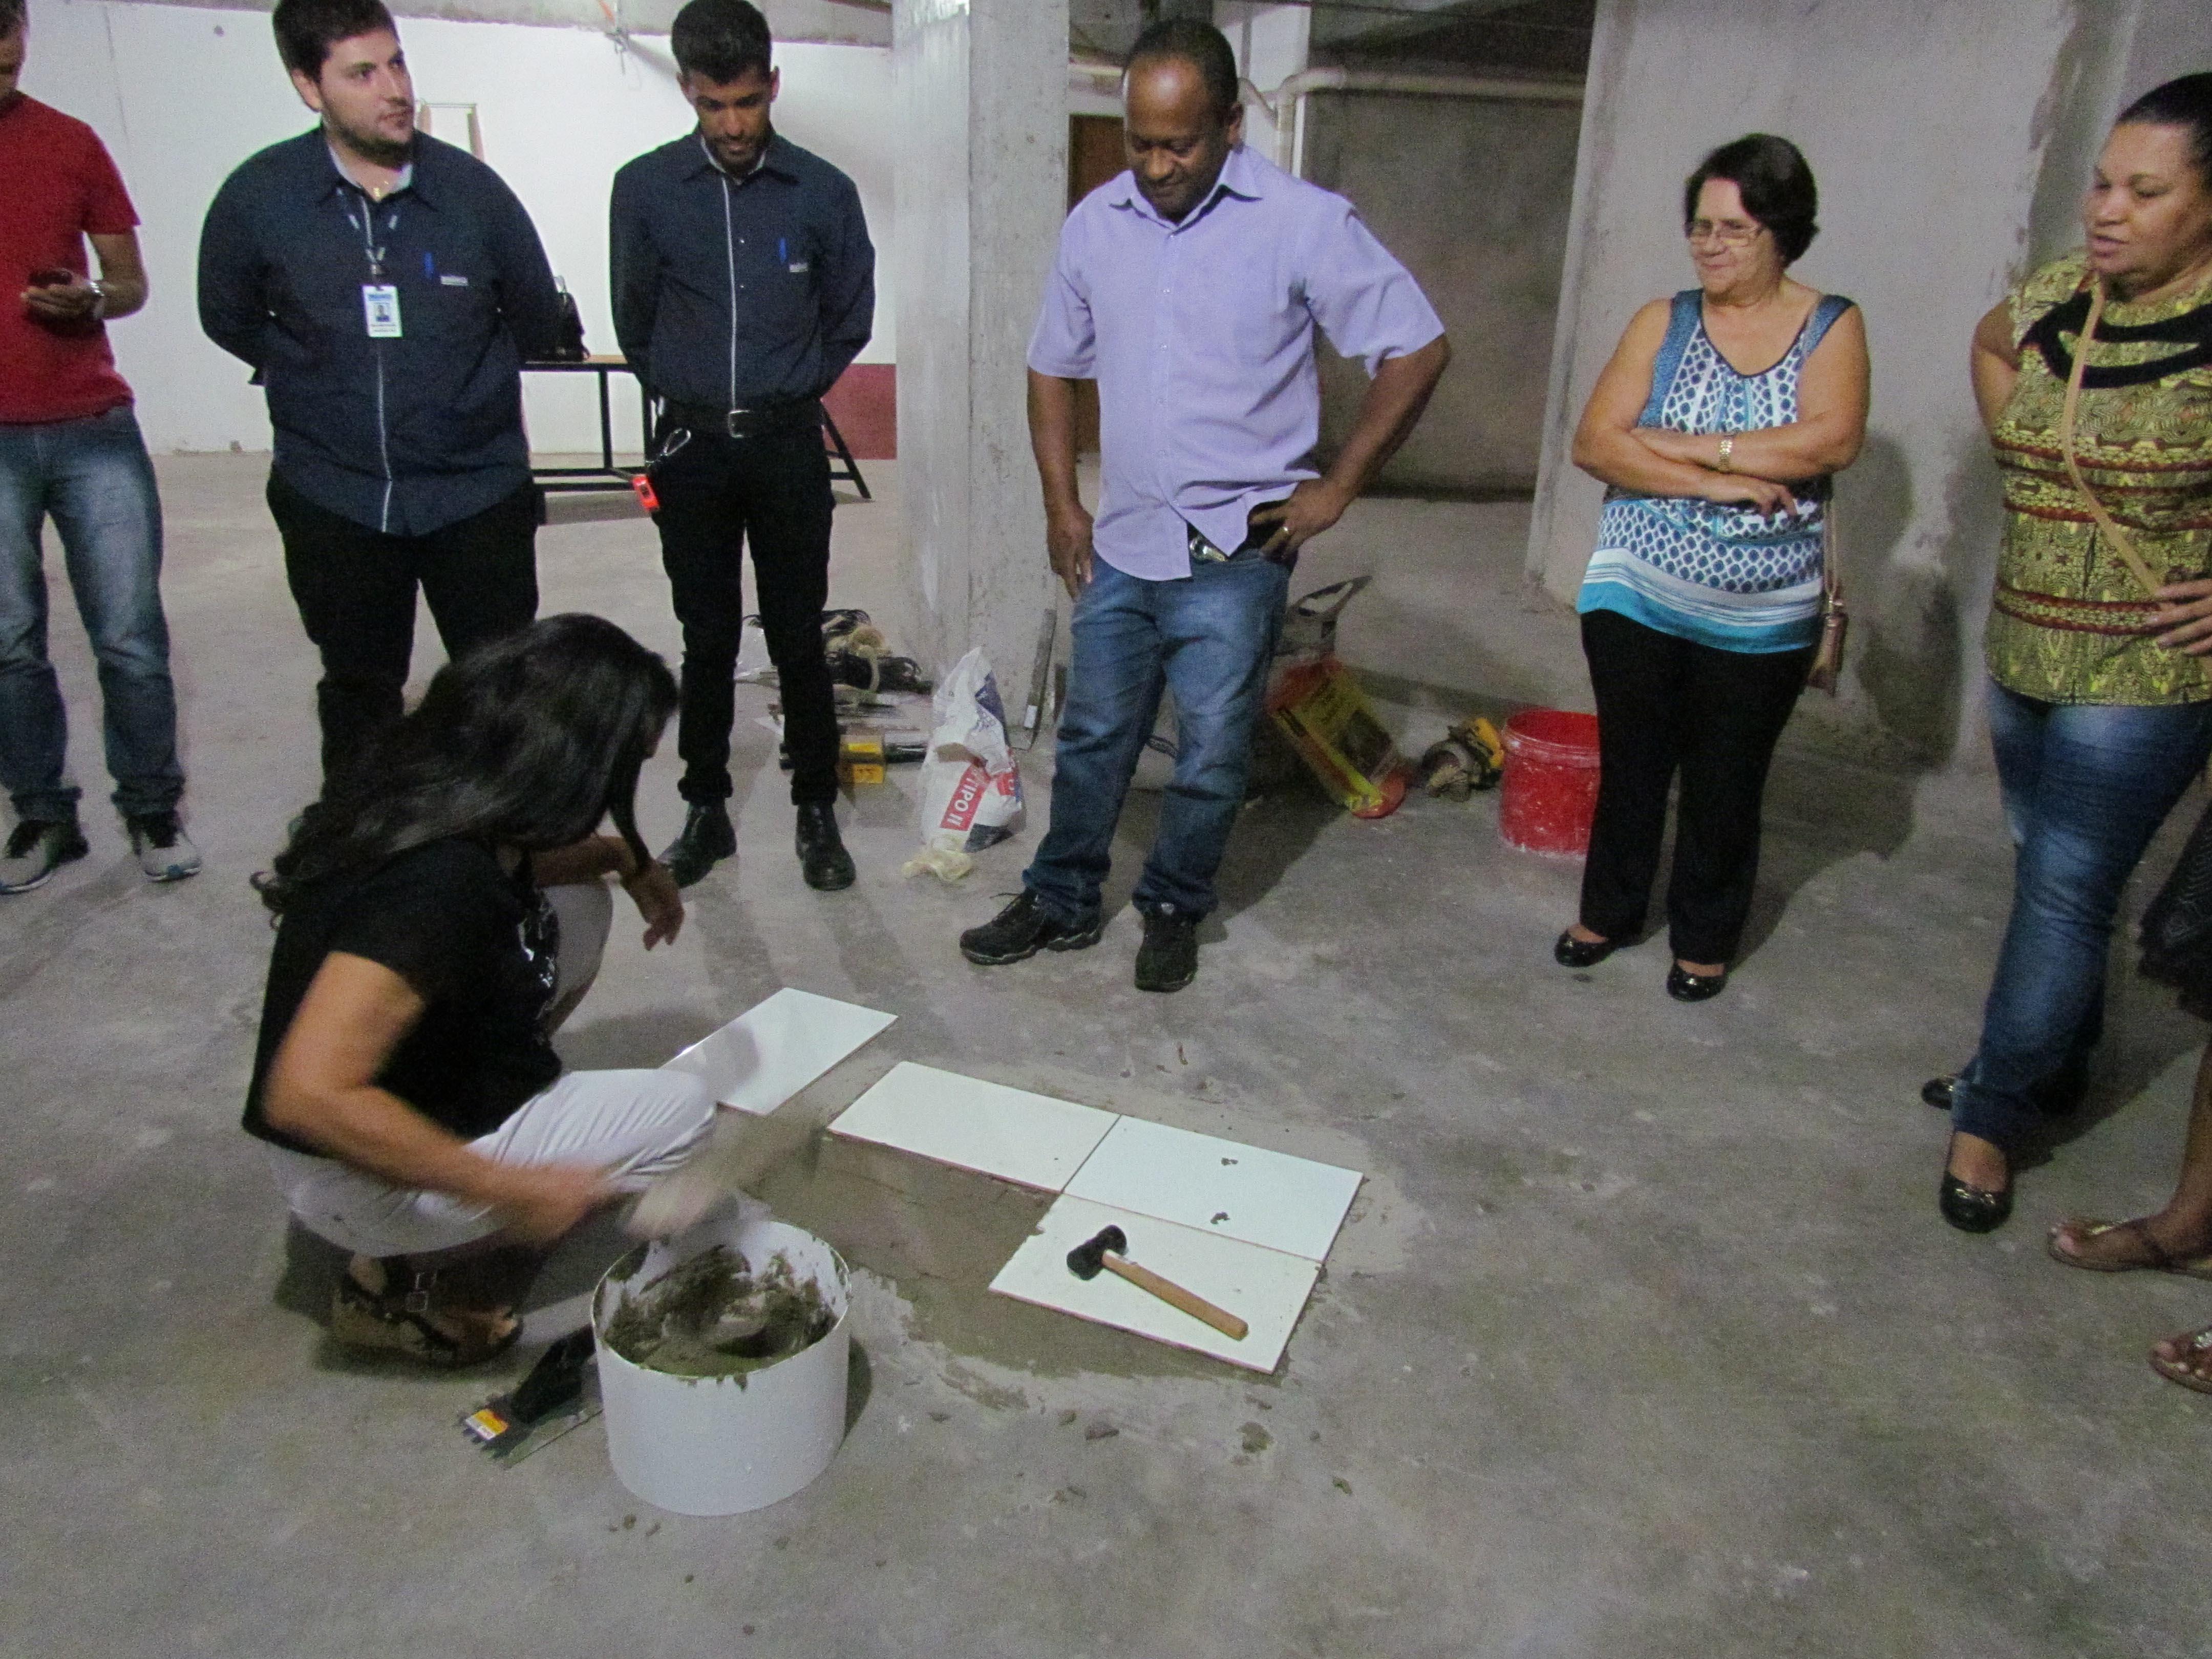 Curso simples de Construção Civil será ofertado gratuitamente por construtora para mulheres em Goiânia | Foto: Divulgação